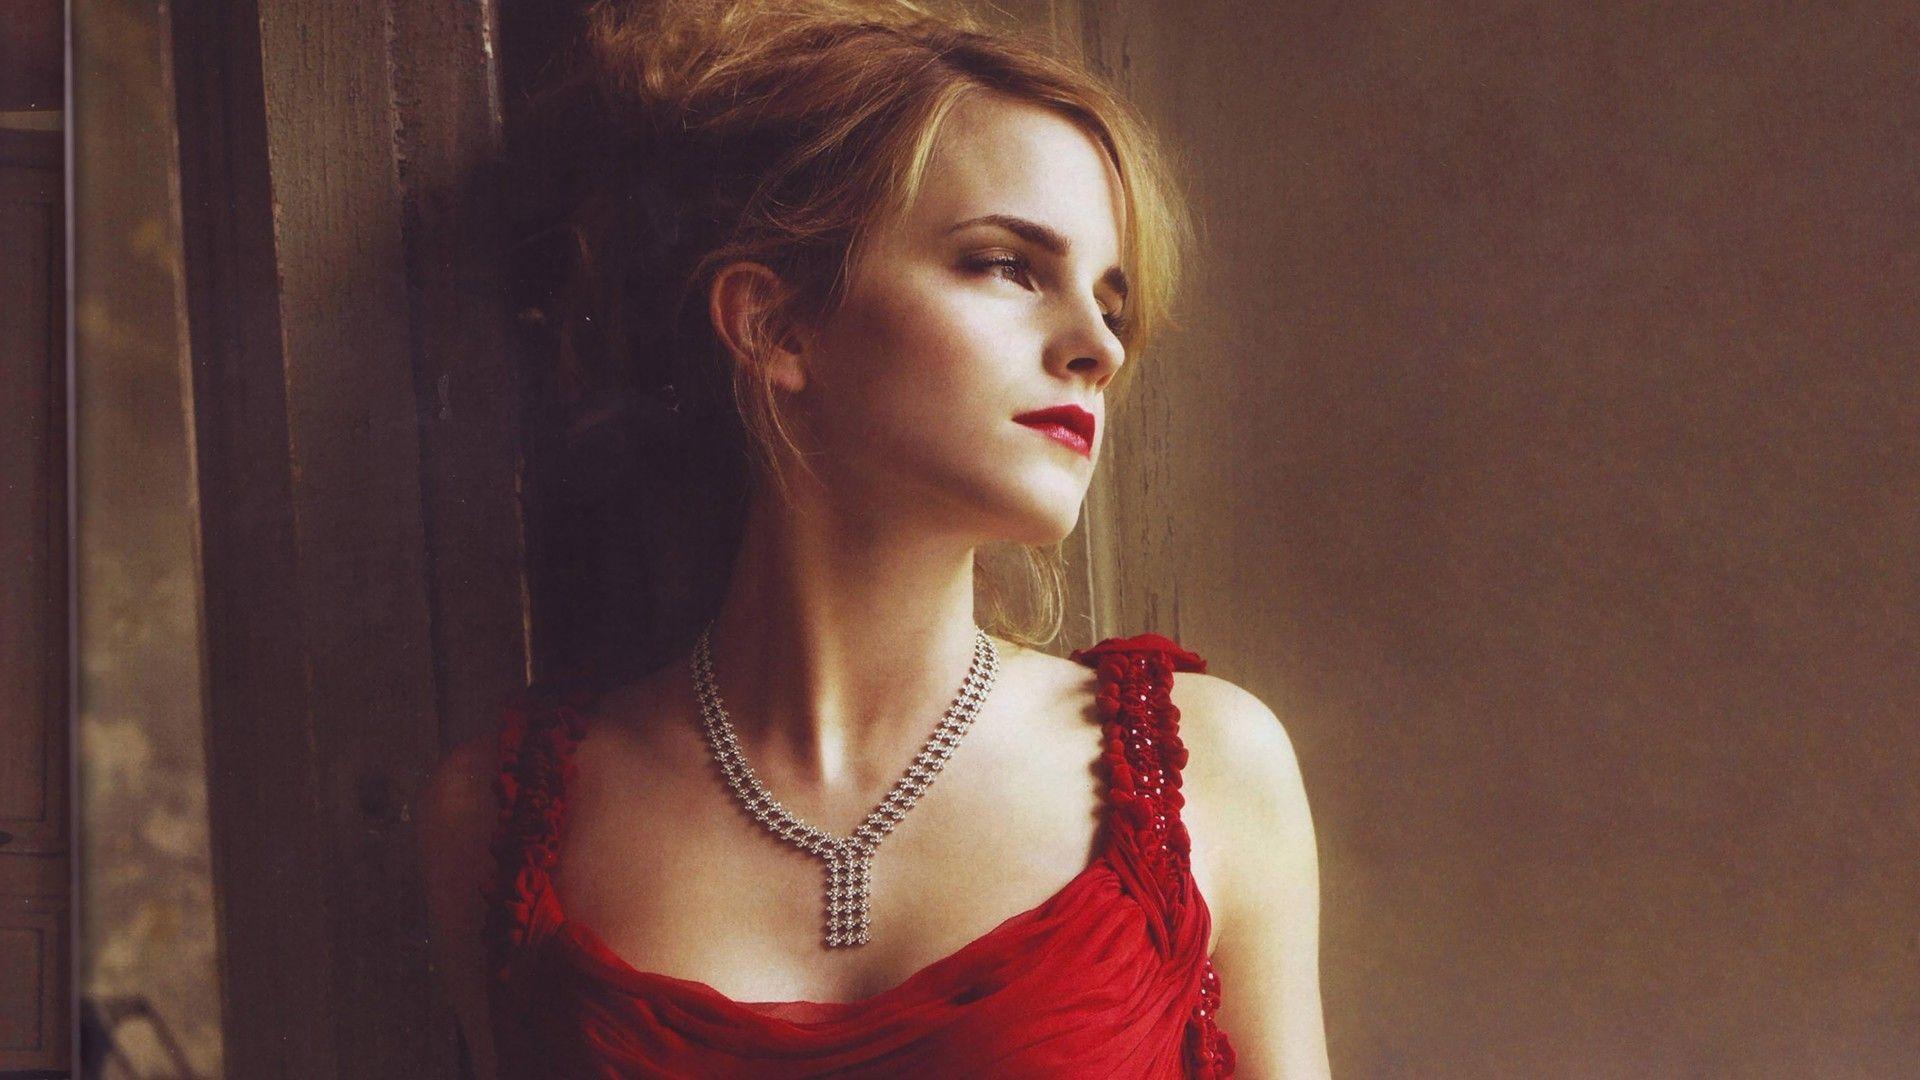 Emma Watson HD wallpaper for download